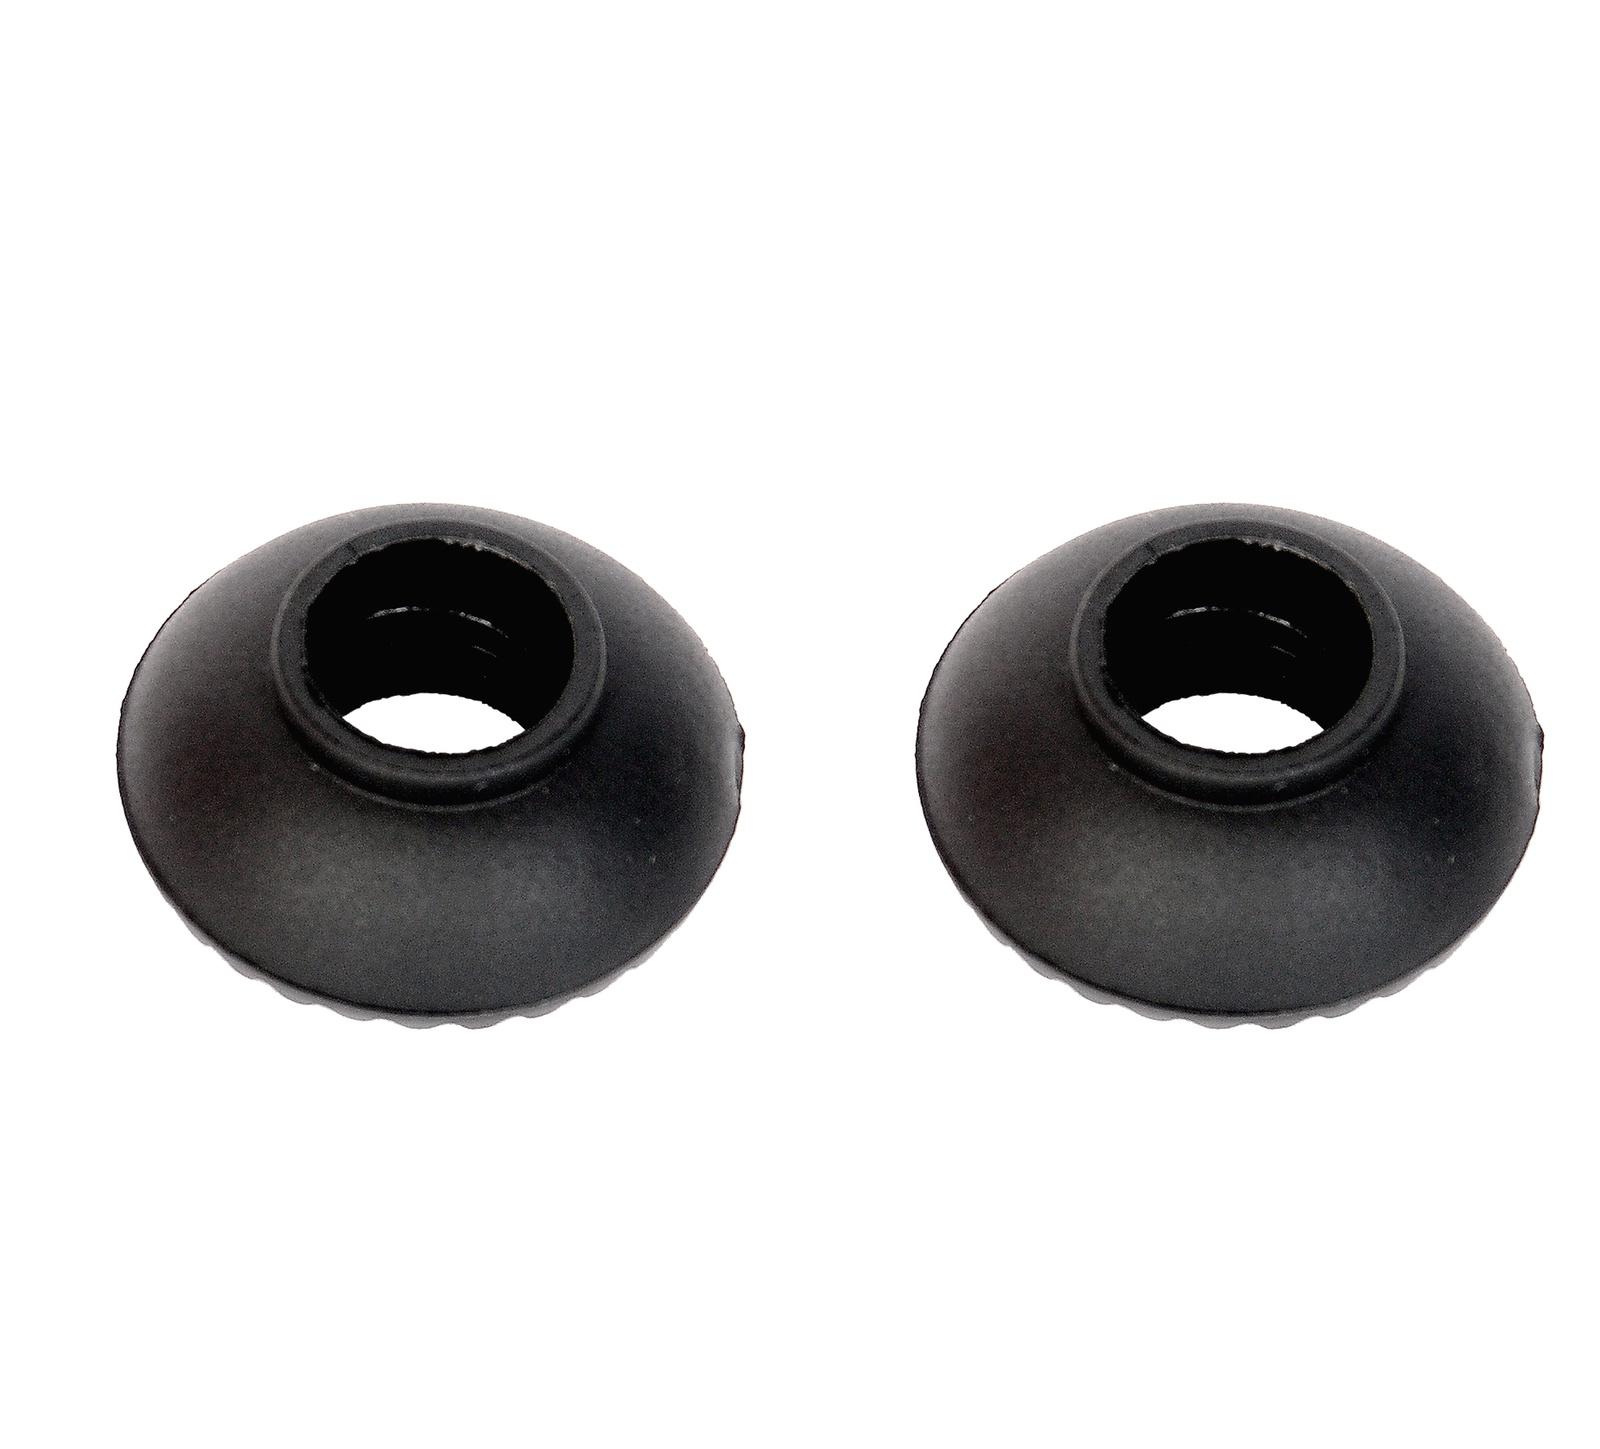 Наконечники для палок Летние кольца (универсальные) Ecos, AQD-R02, 2 штуки в комплекте кольца escada e66016 r92 54 page 2